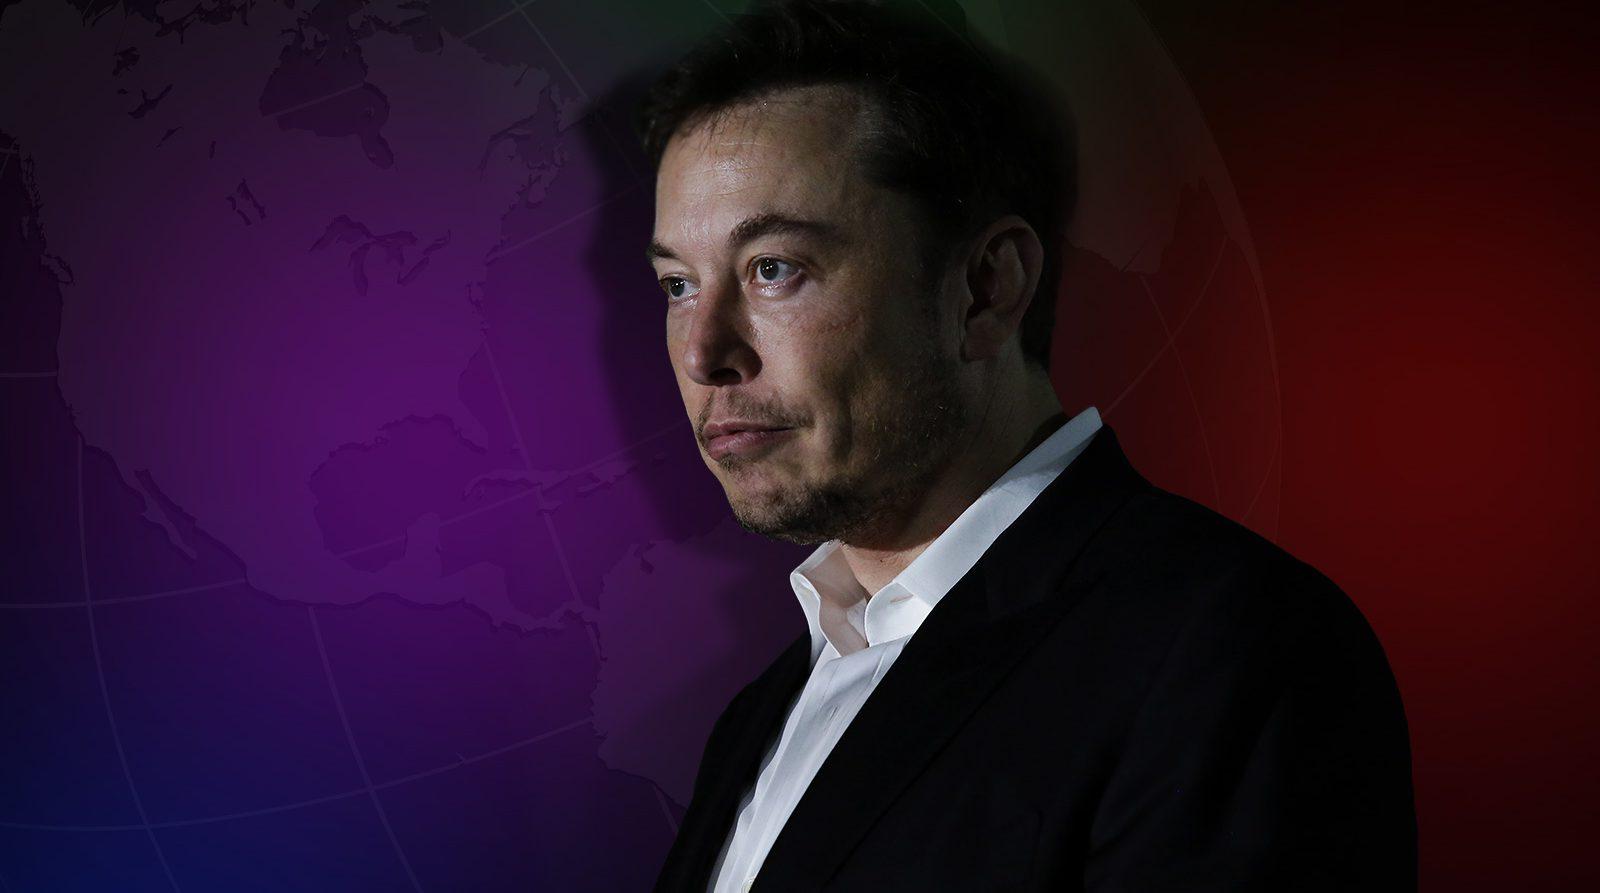 Elon Musk peut-il sauver le monde?